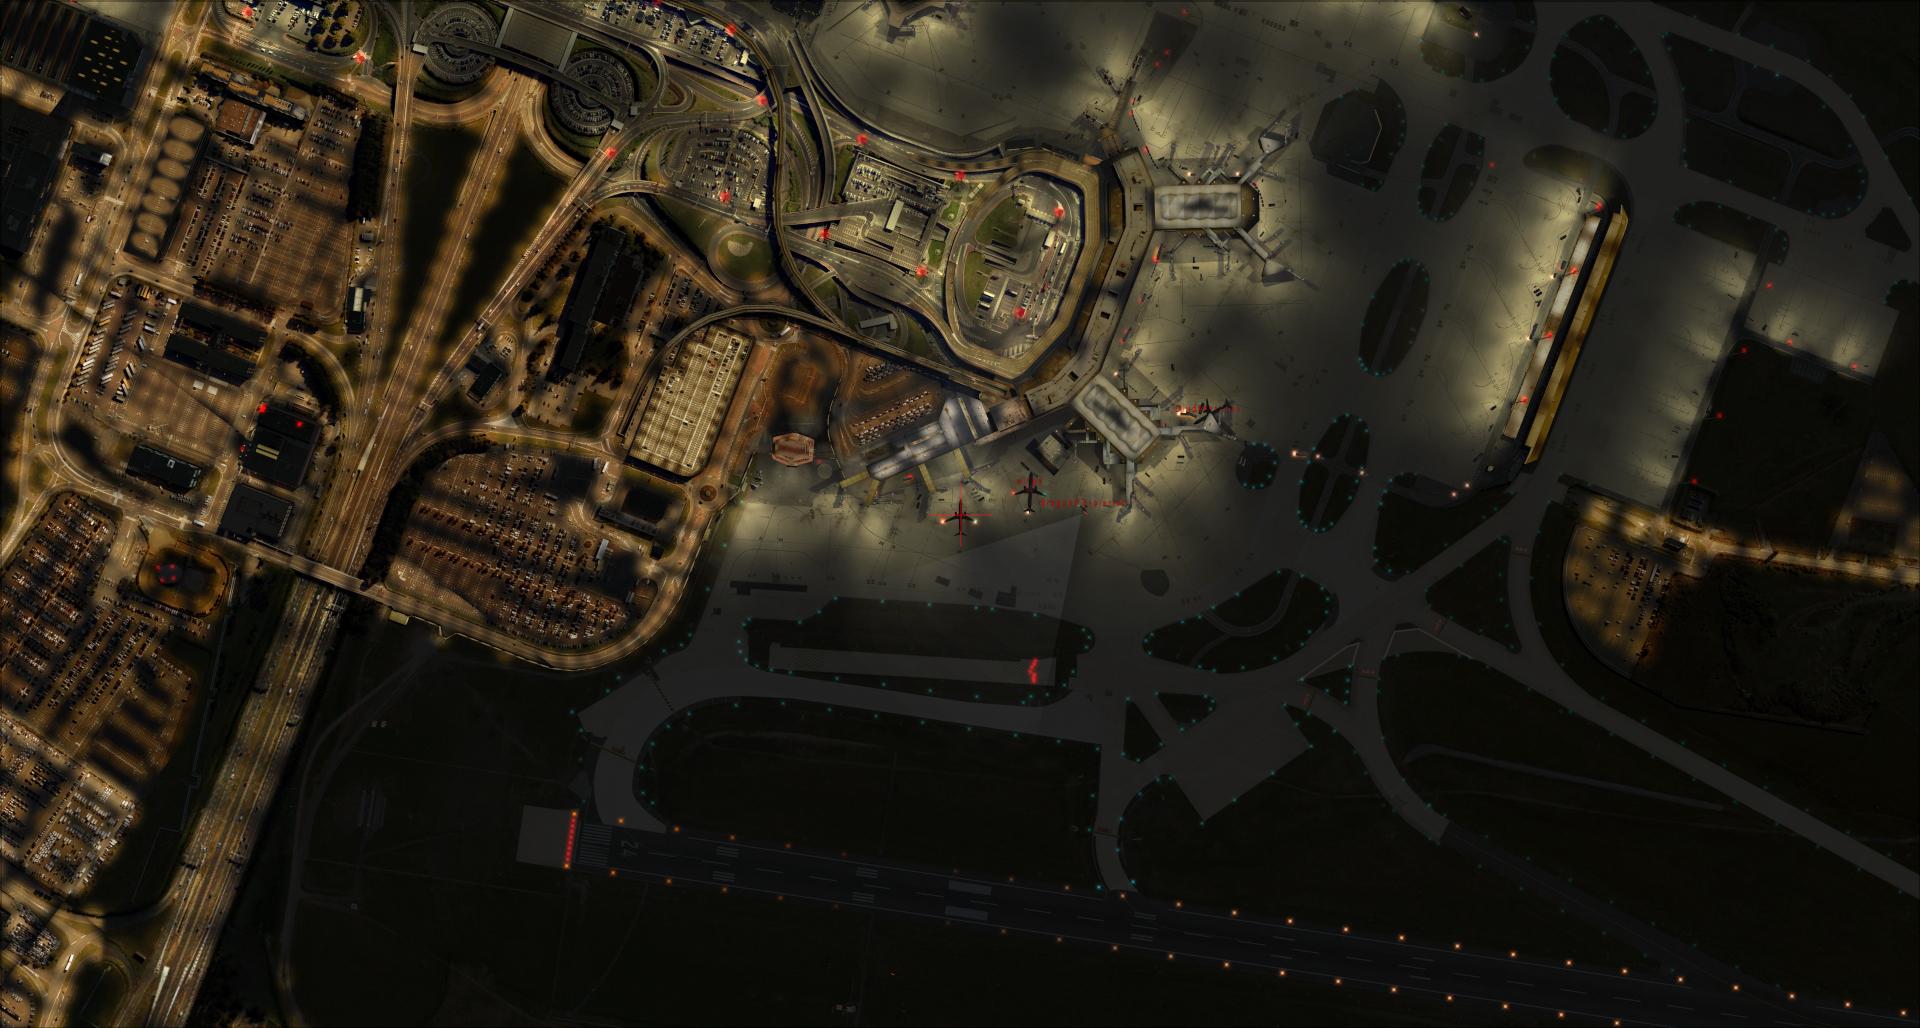 Rapport de vol: Atterrissage aux instruments 1641482014103120289201